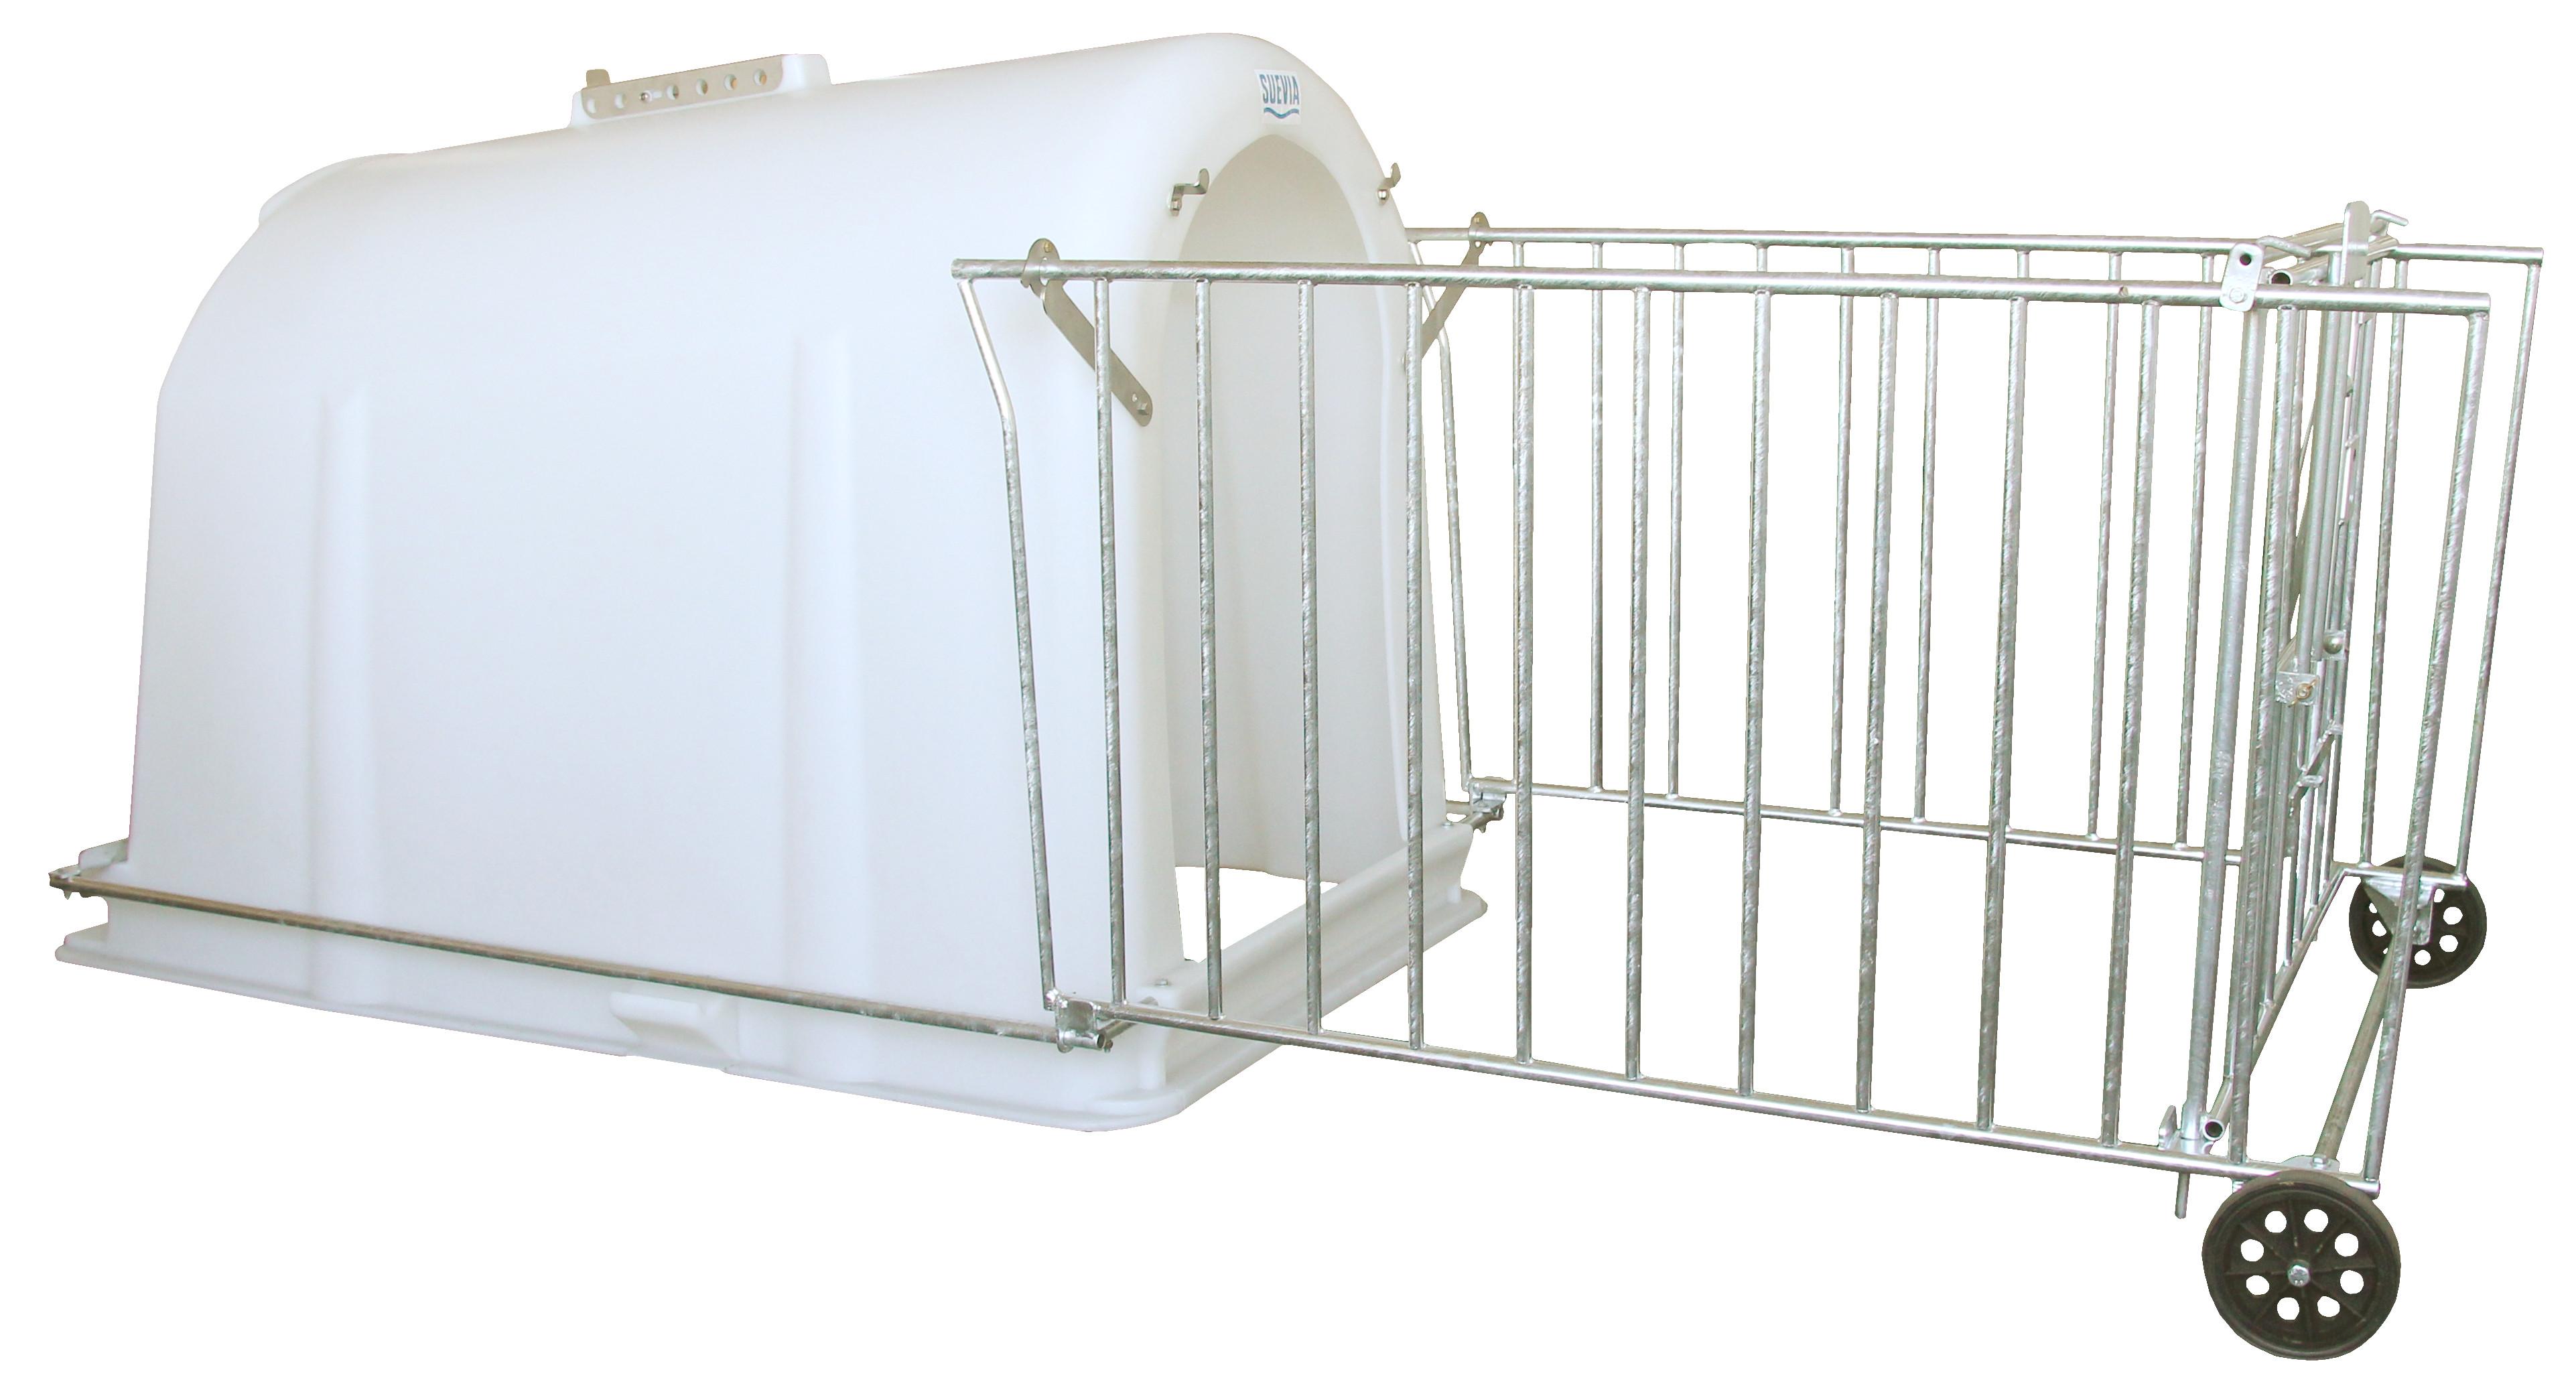 0-8 haftalık buzağı kulübesi -polietilen- tekerlekli çit